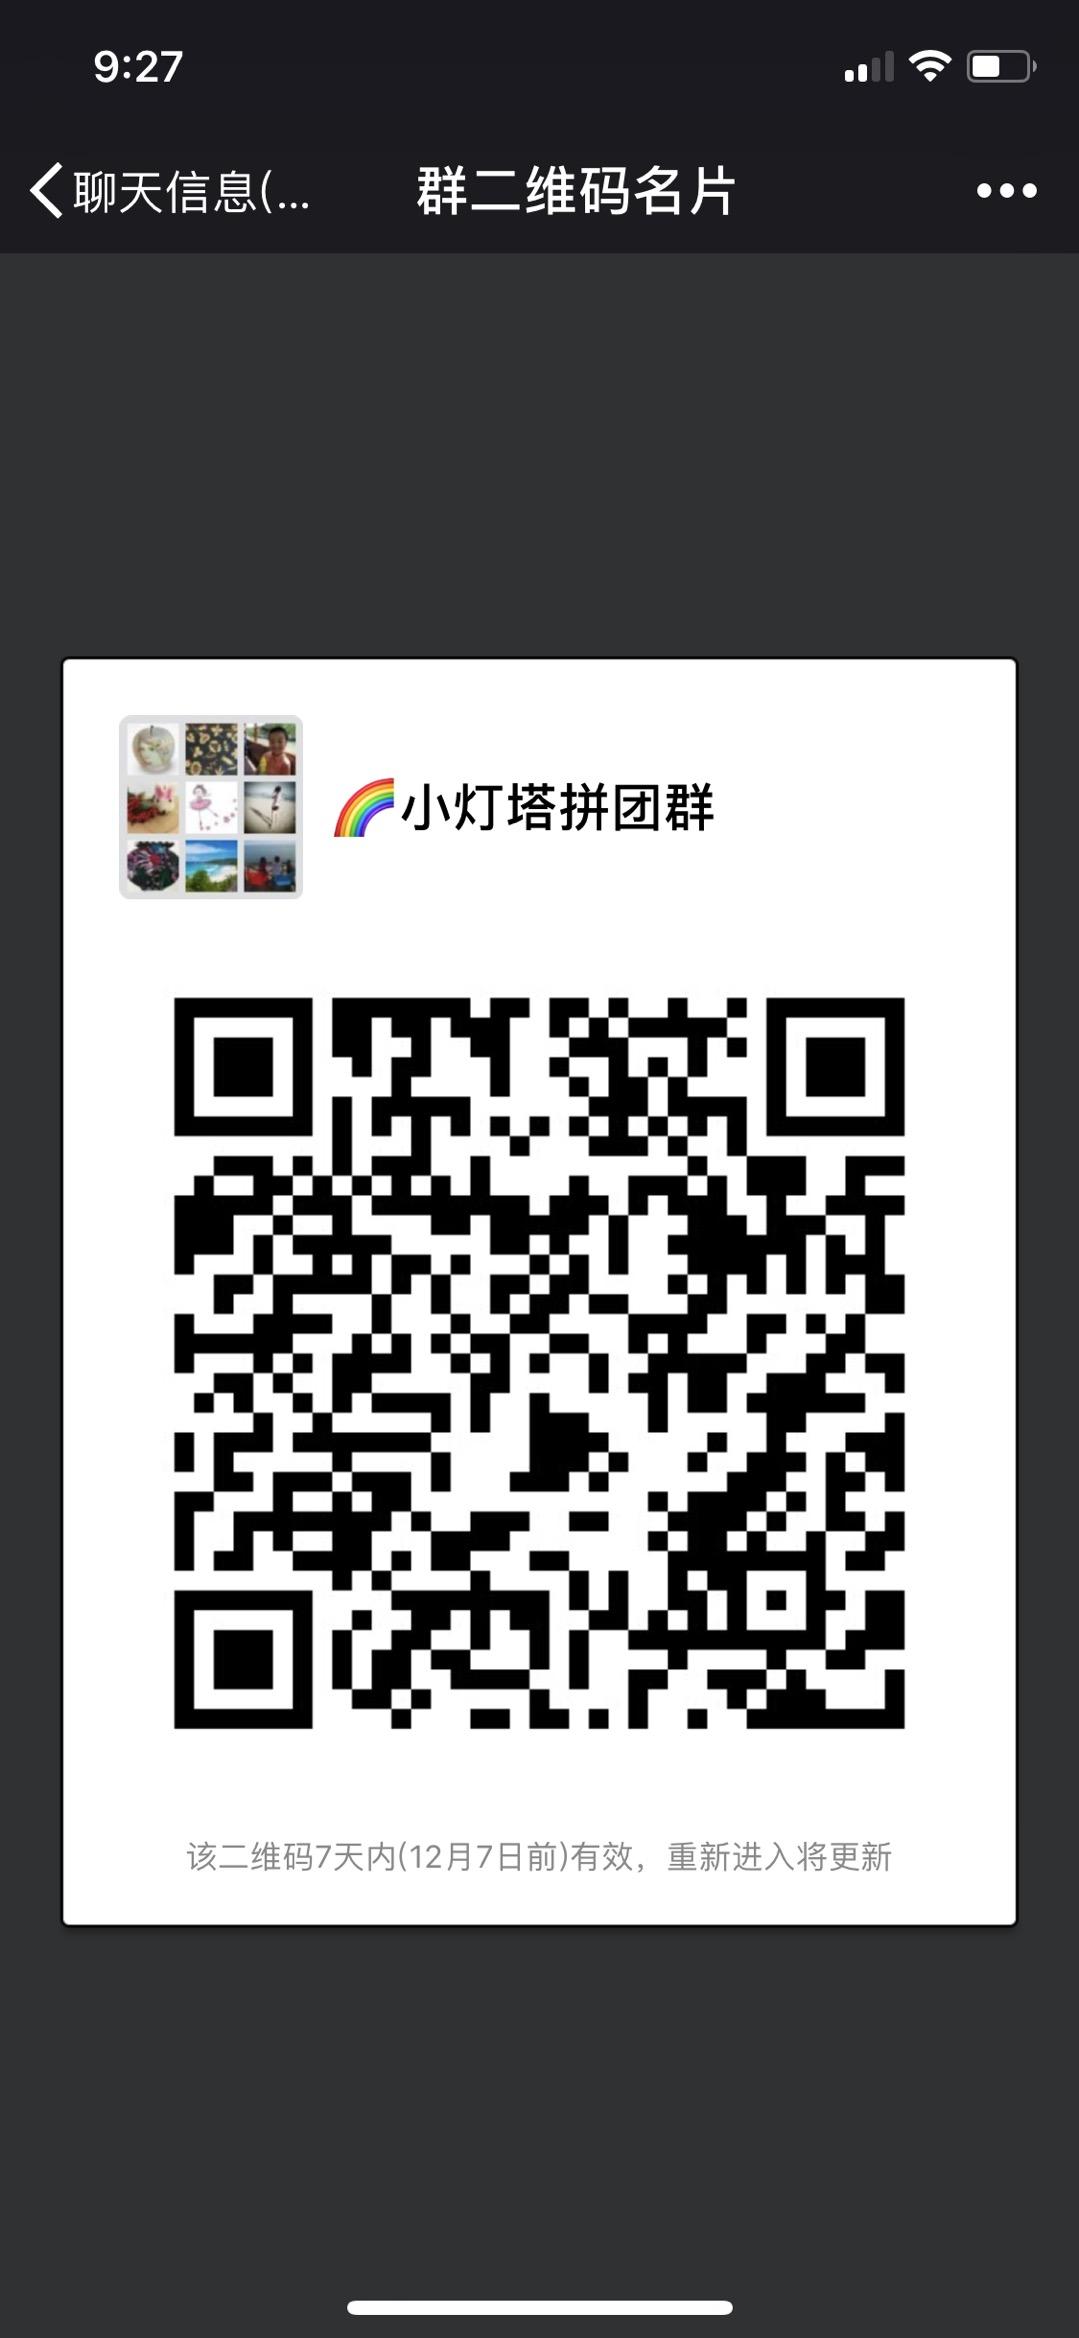 03C275E6-0832-4143-81E3-DA43B62685B9.jpg